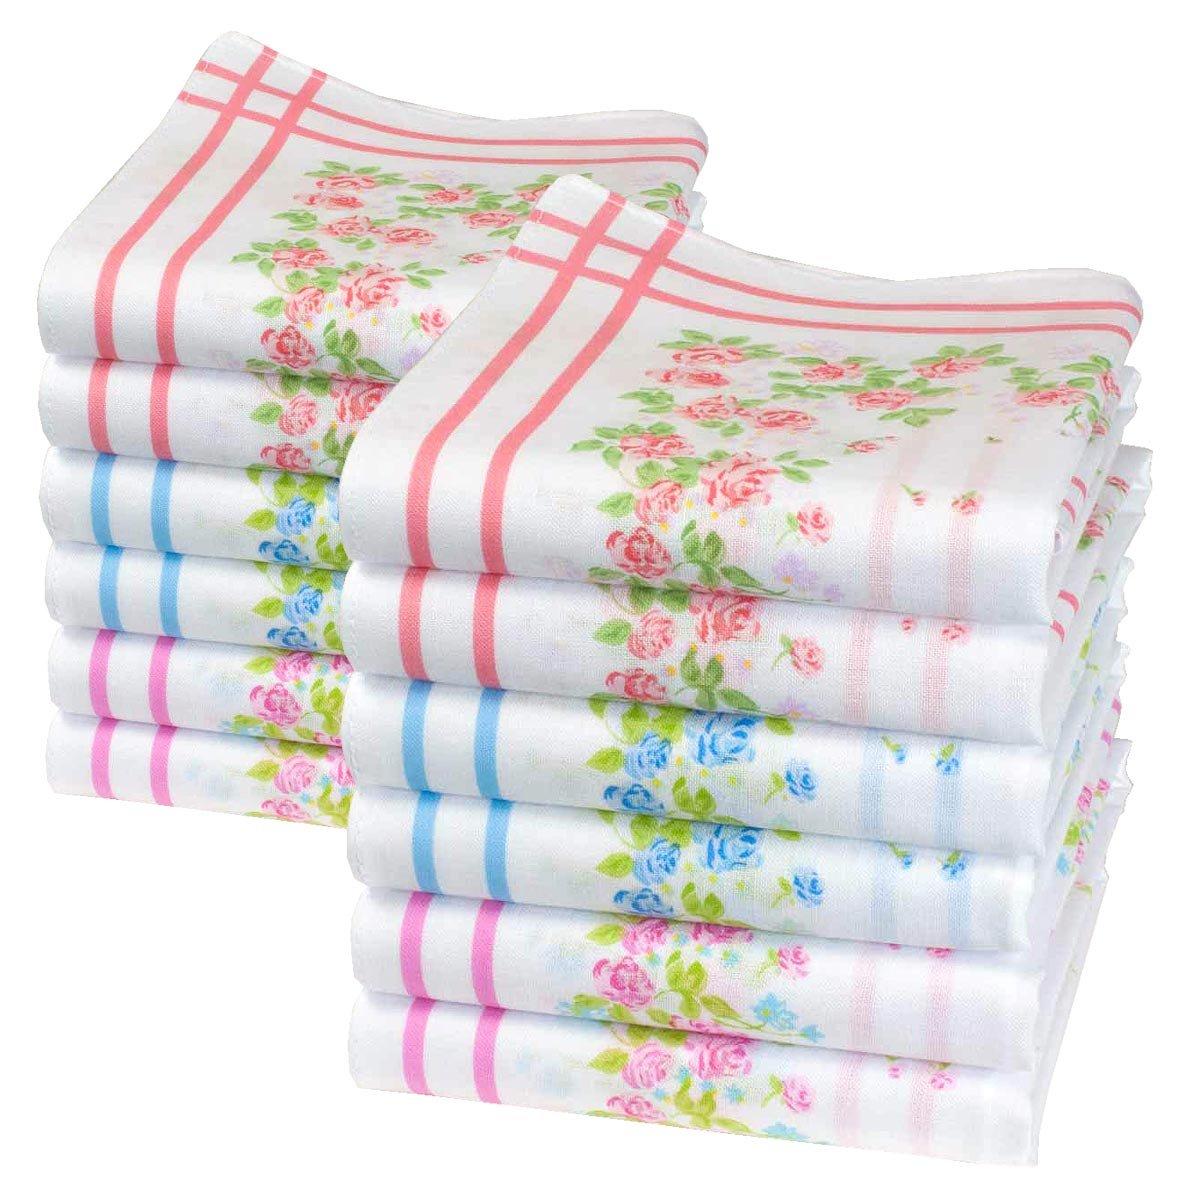 Fazzoletti di cotone da donna - 6 pezzi - Modello « Agnes» Merrysquare